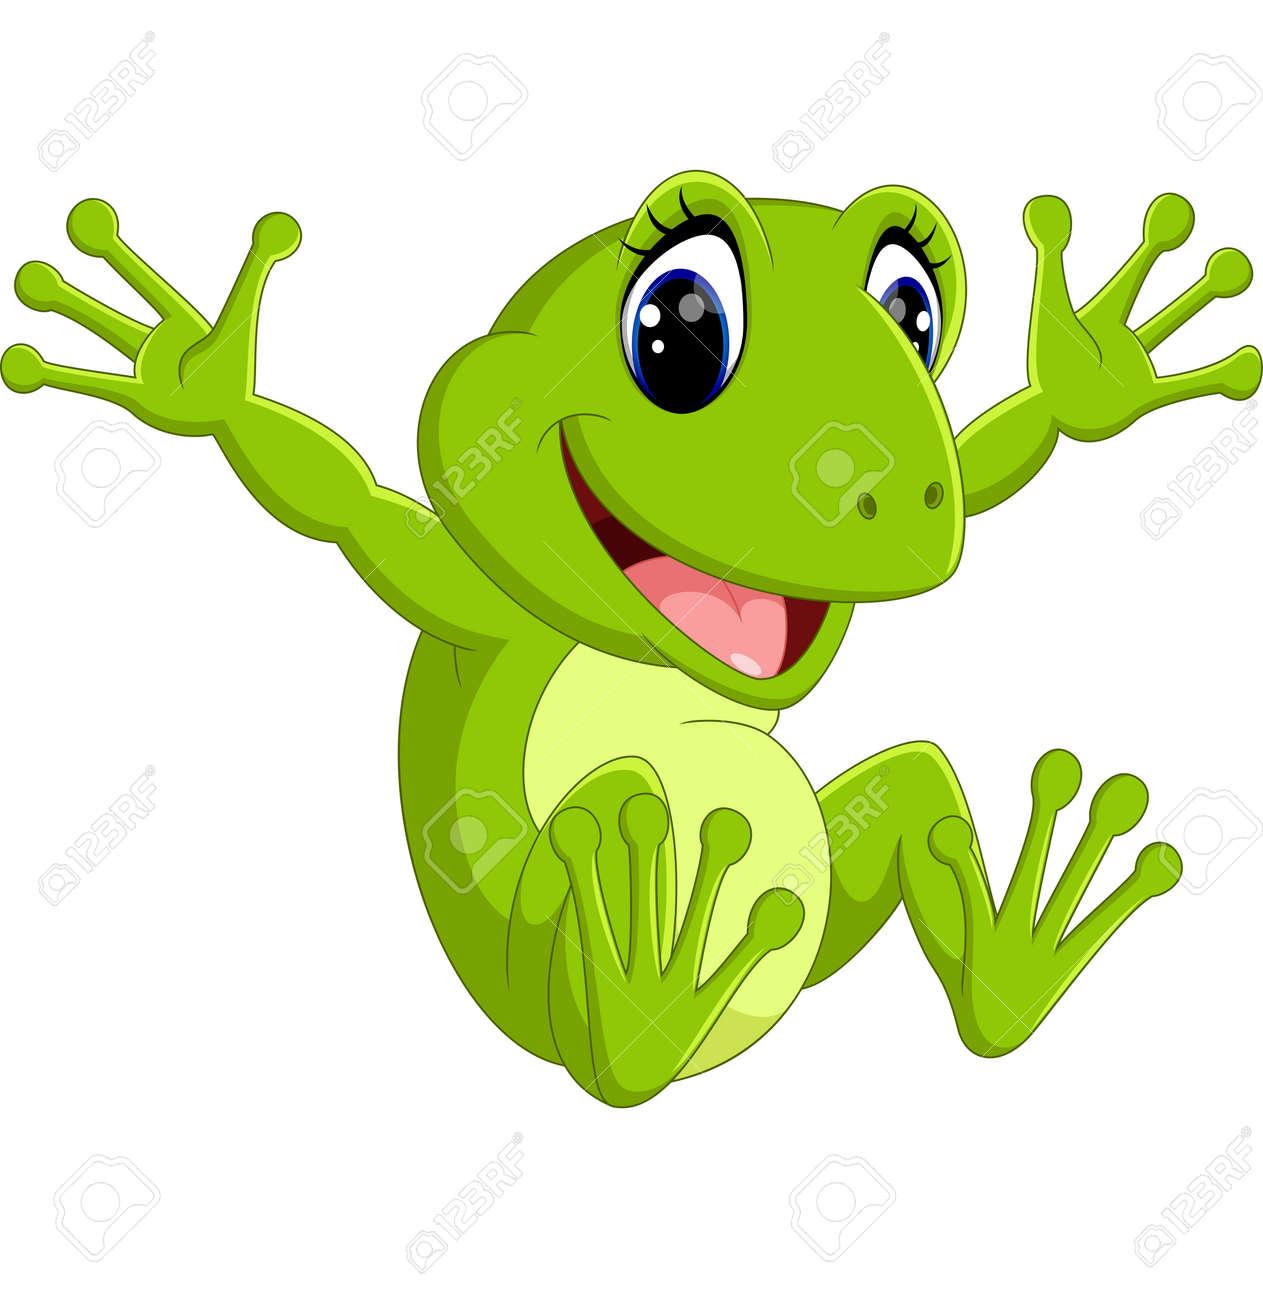 Cute frog cartoon - 58514017